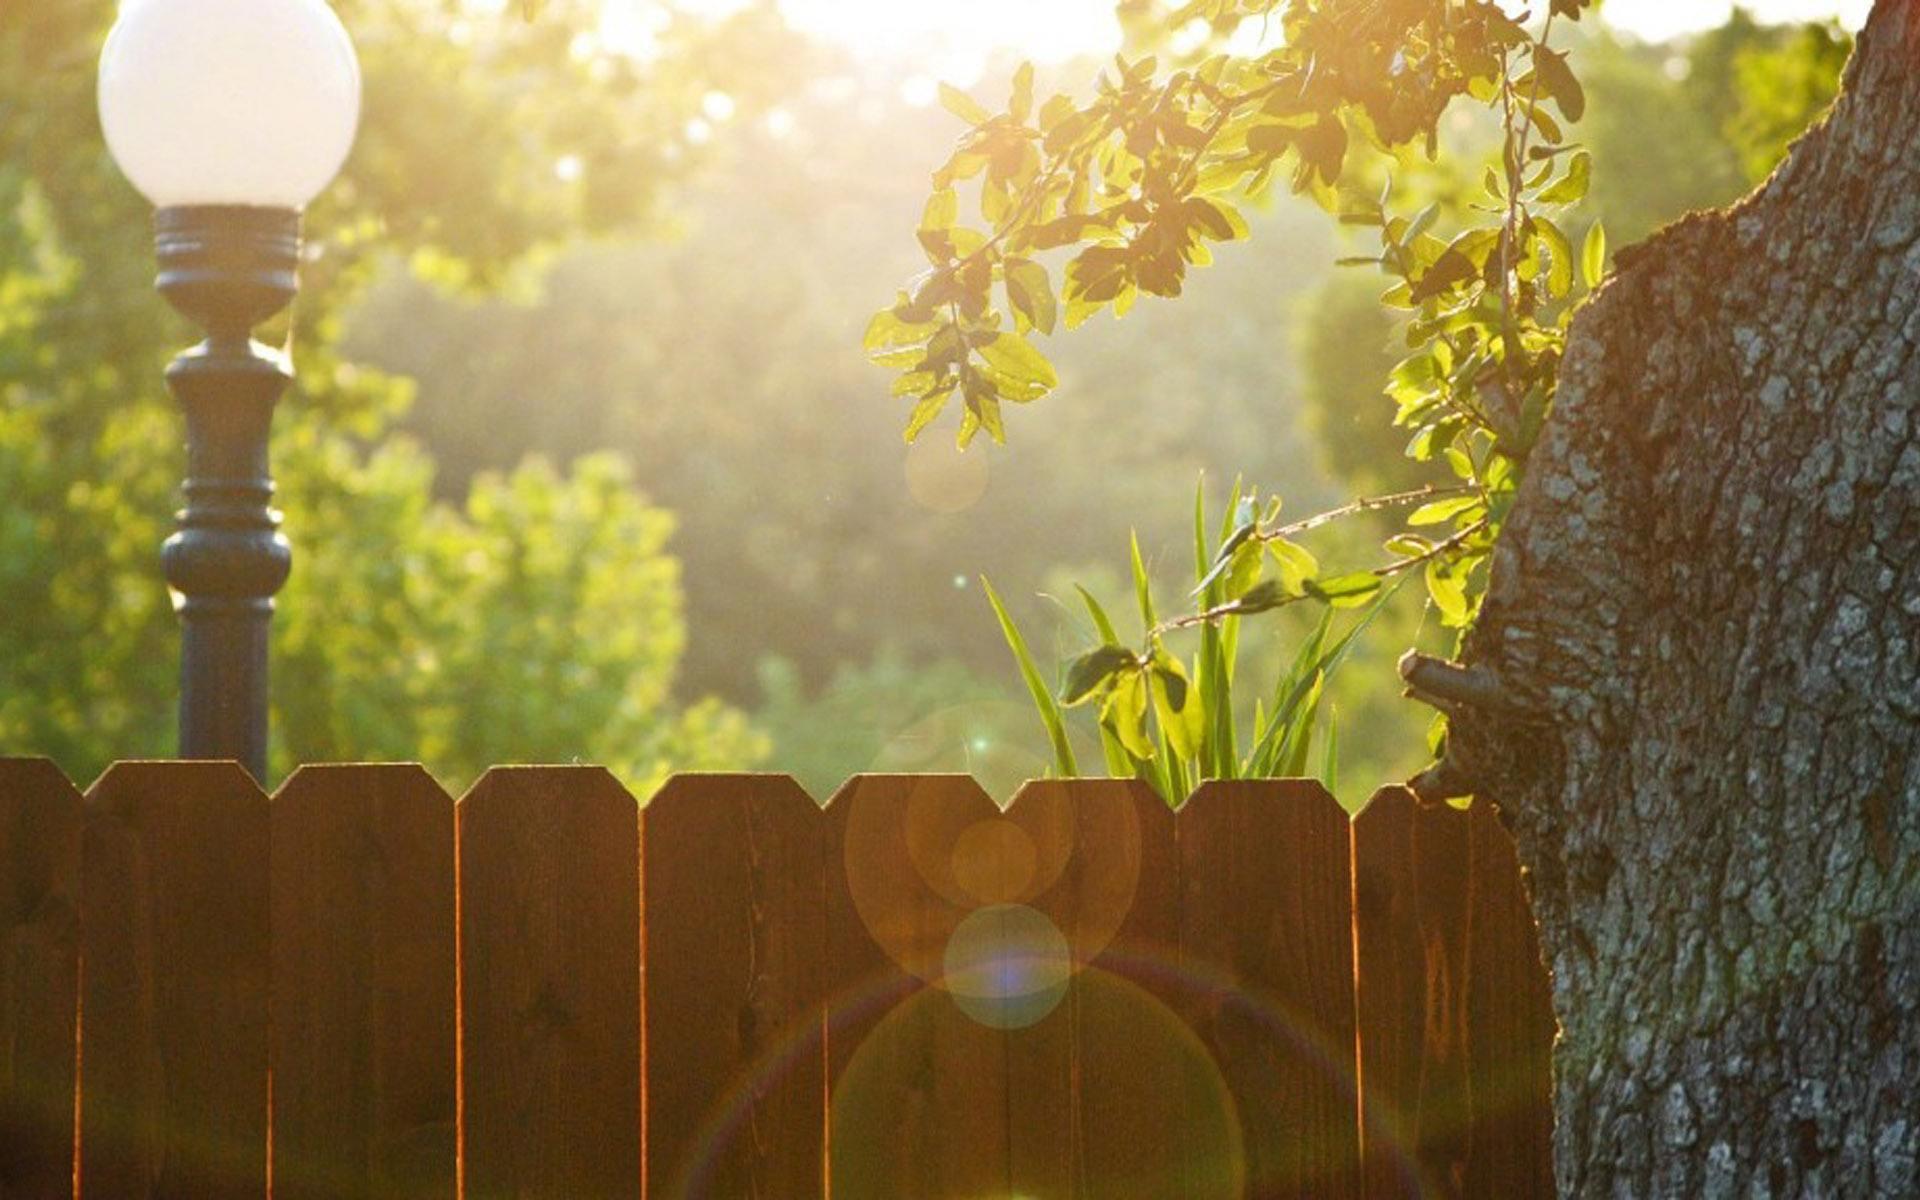 朋友圈早安励志语录正能量说说:人生没有退路只有前进